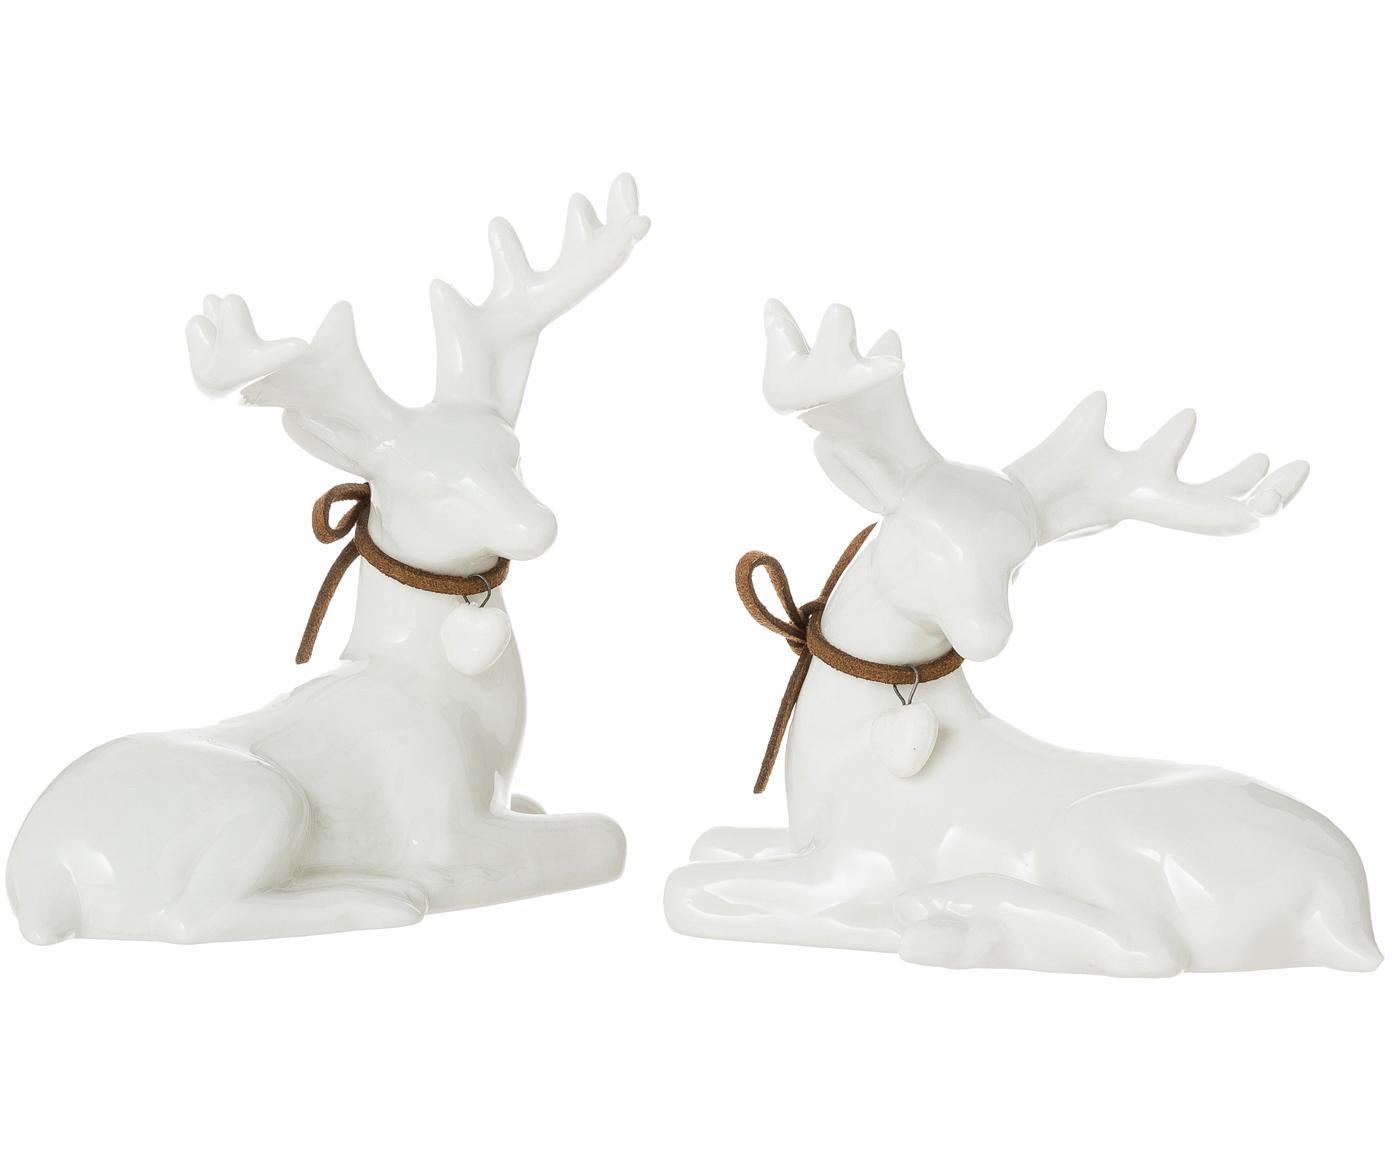 Komplet jeleni dekoracyjnych Ben, 2 elem., 100% porcelana, Biały, S 8 x W 11 cm